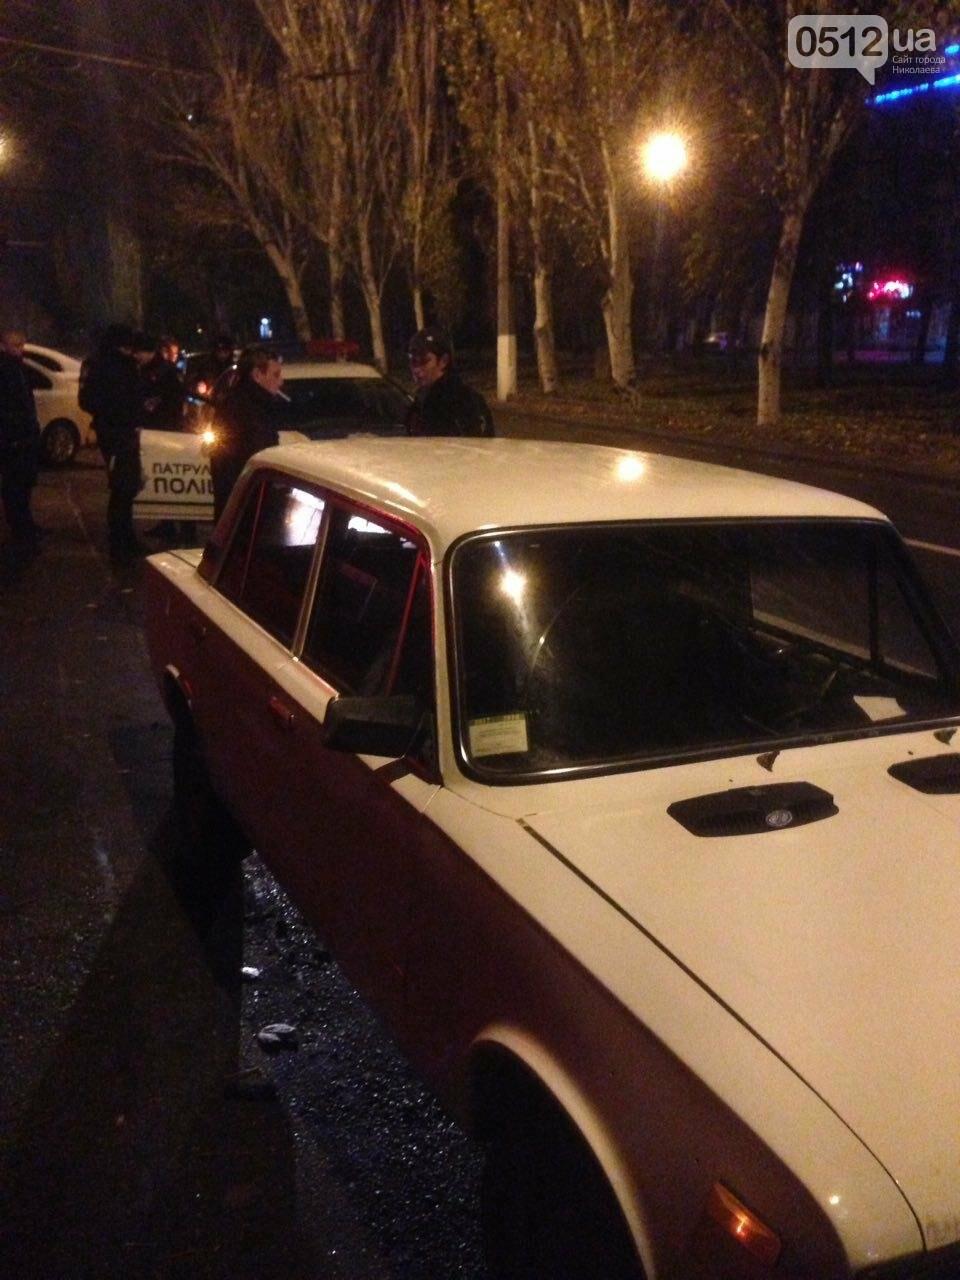 Патрульные продолжают ловить пьяных водителей на улицах Николаева (ФОТО), фото-3